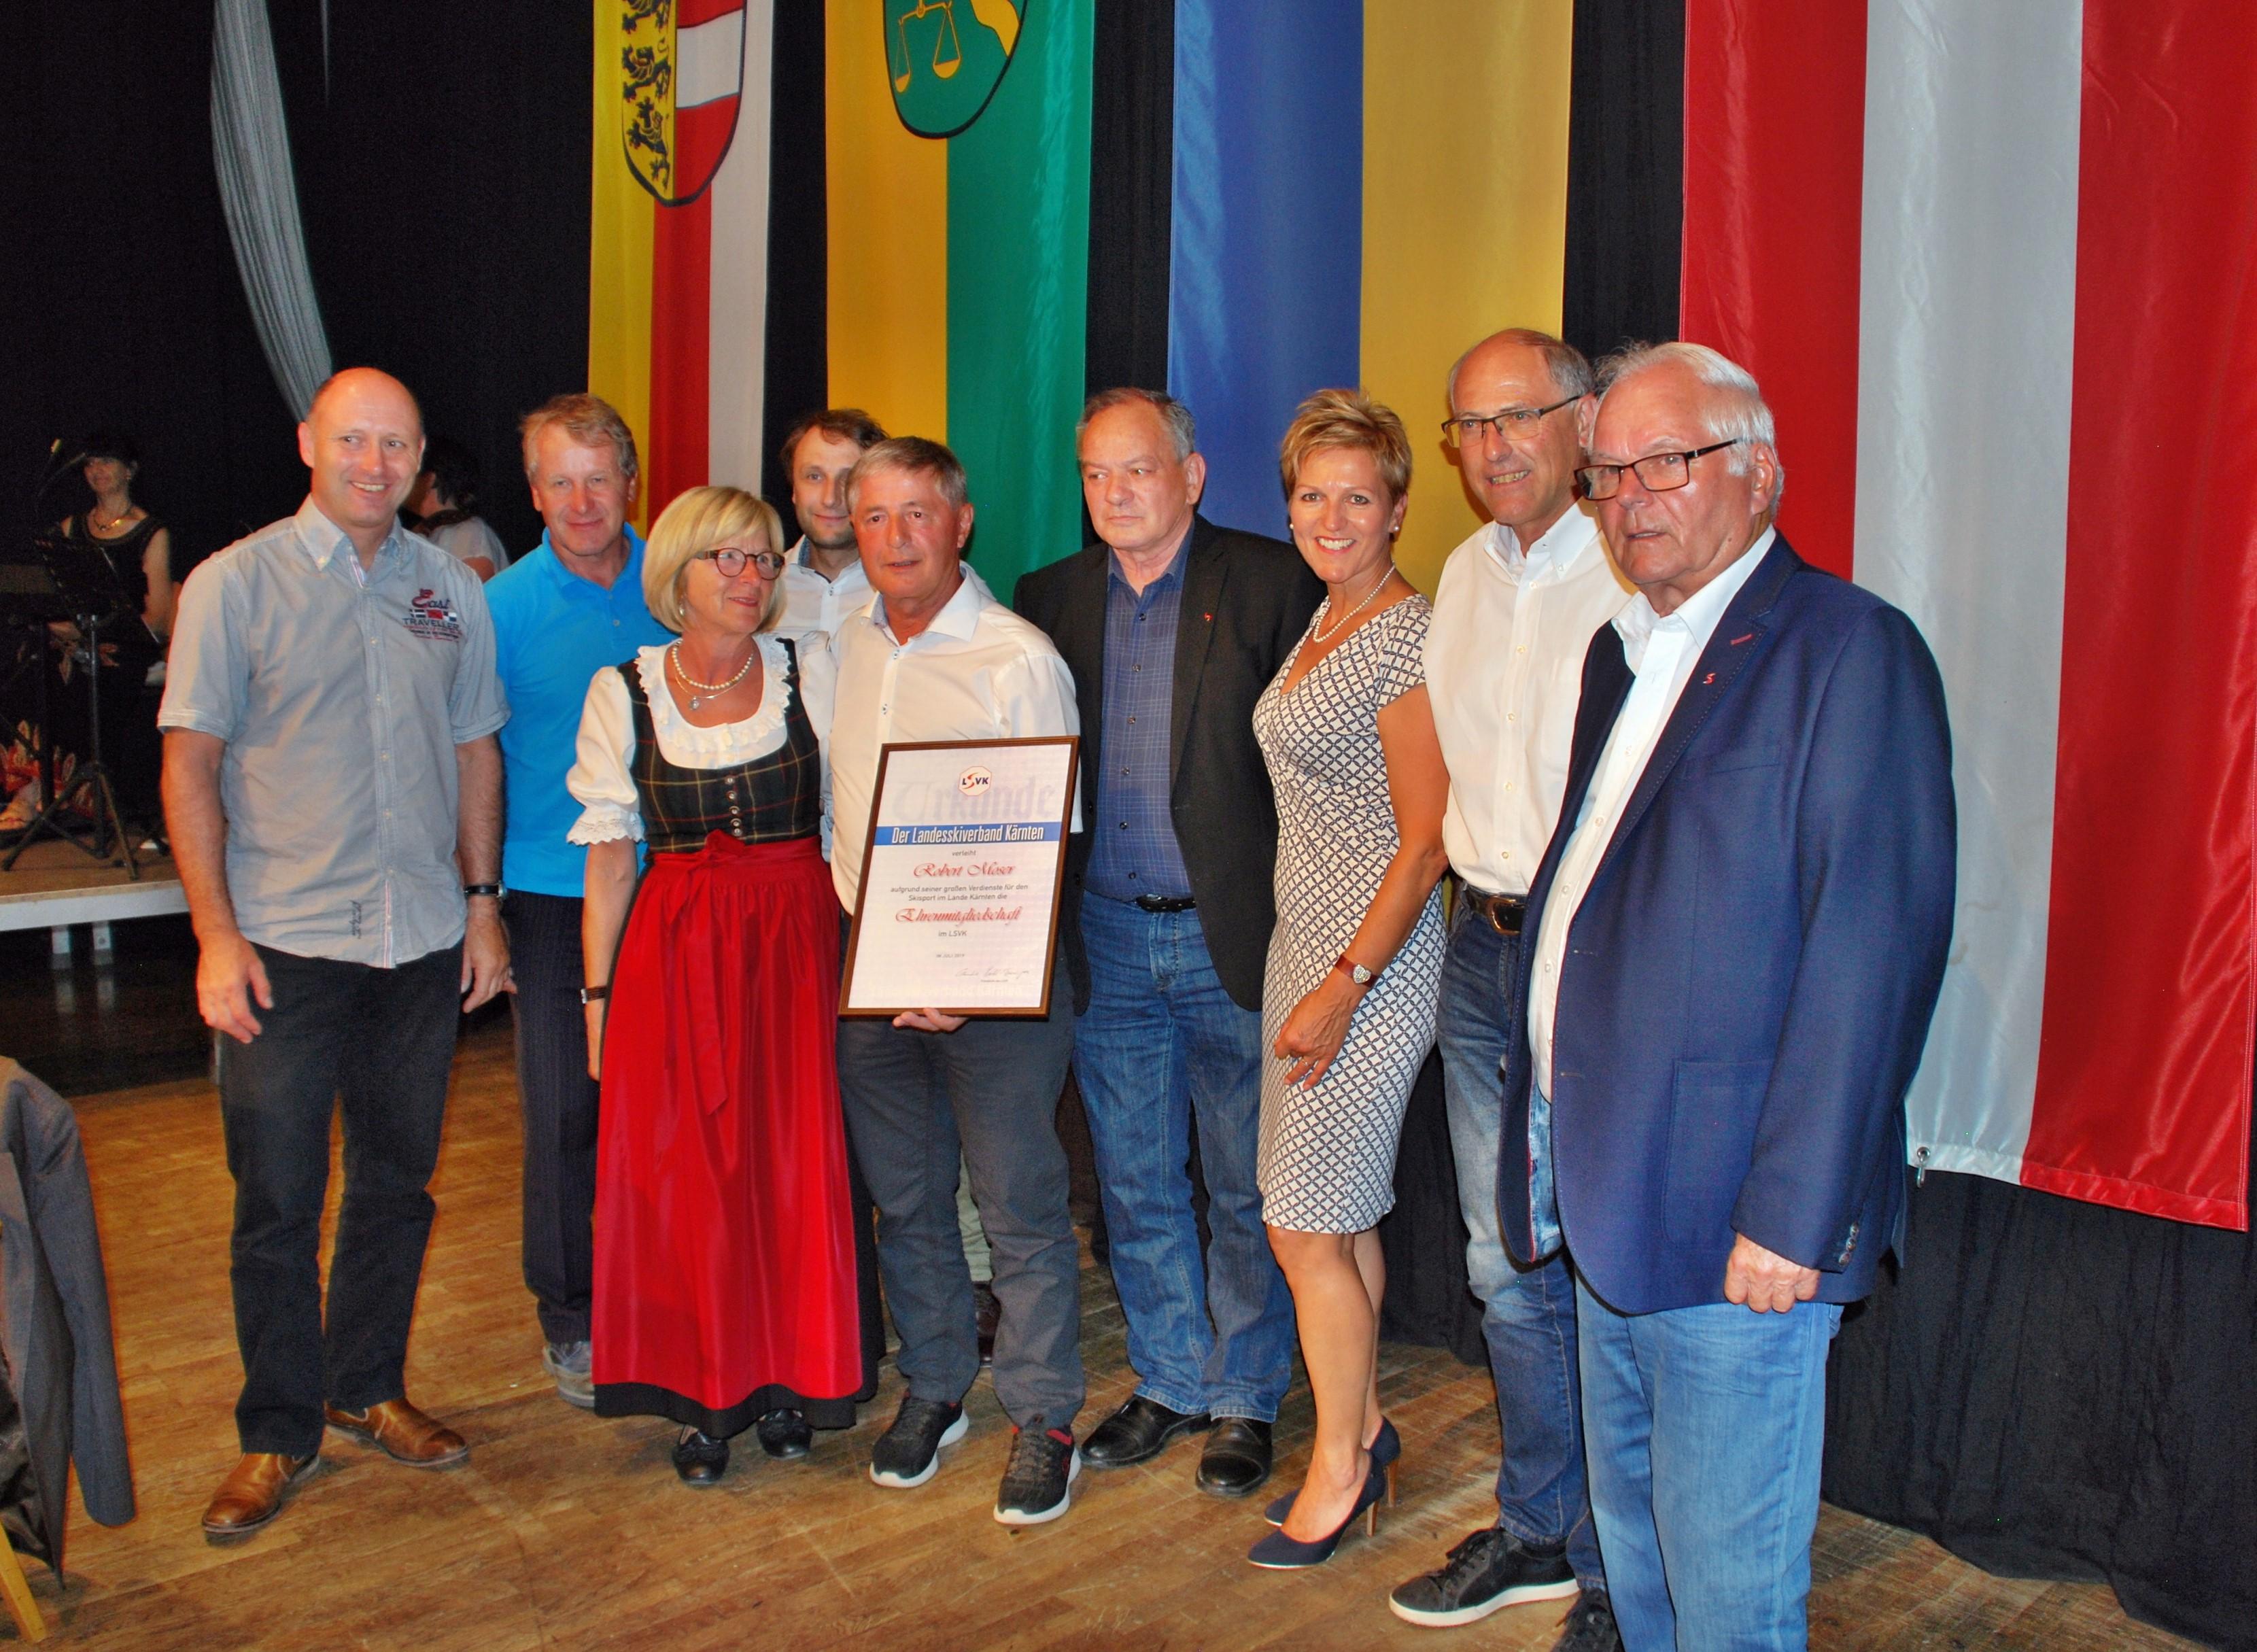 LSVK Ehrung von Robert Moser und Manfred Kerschbaumer